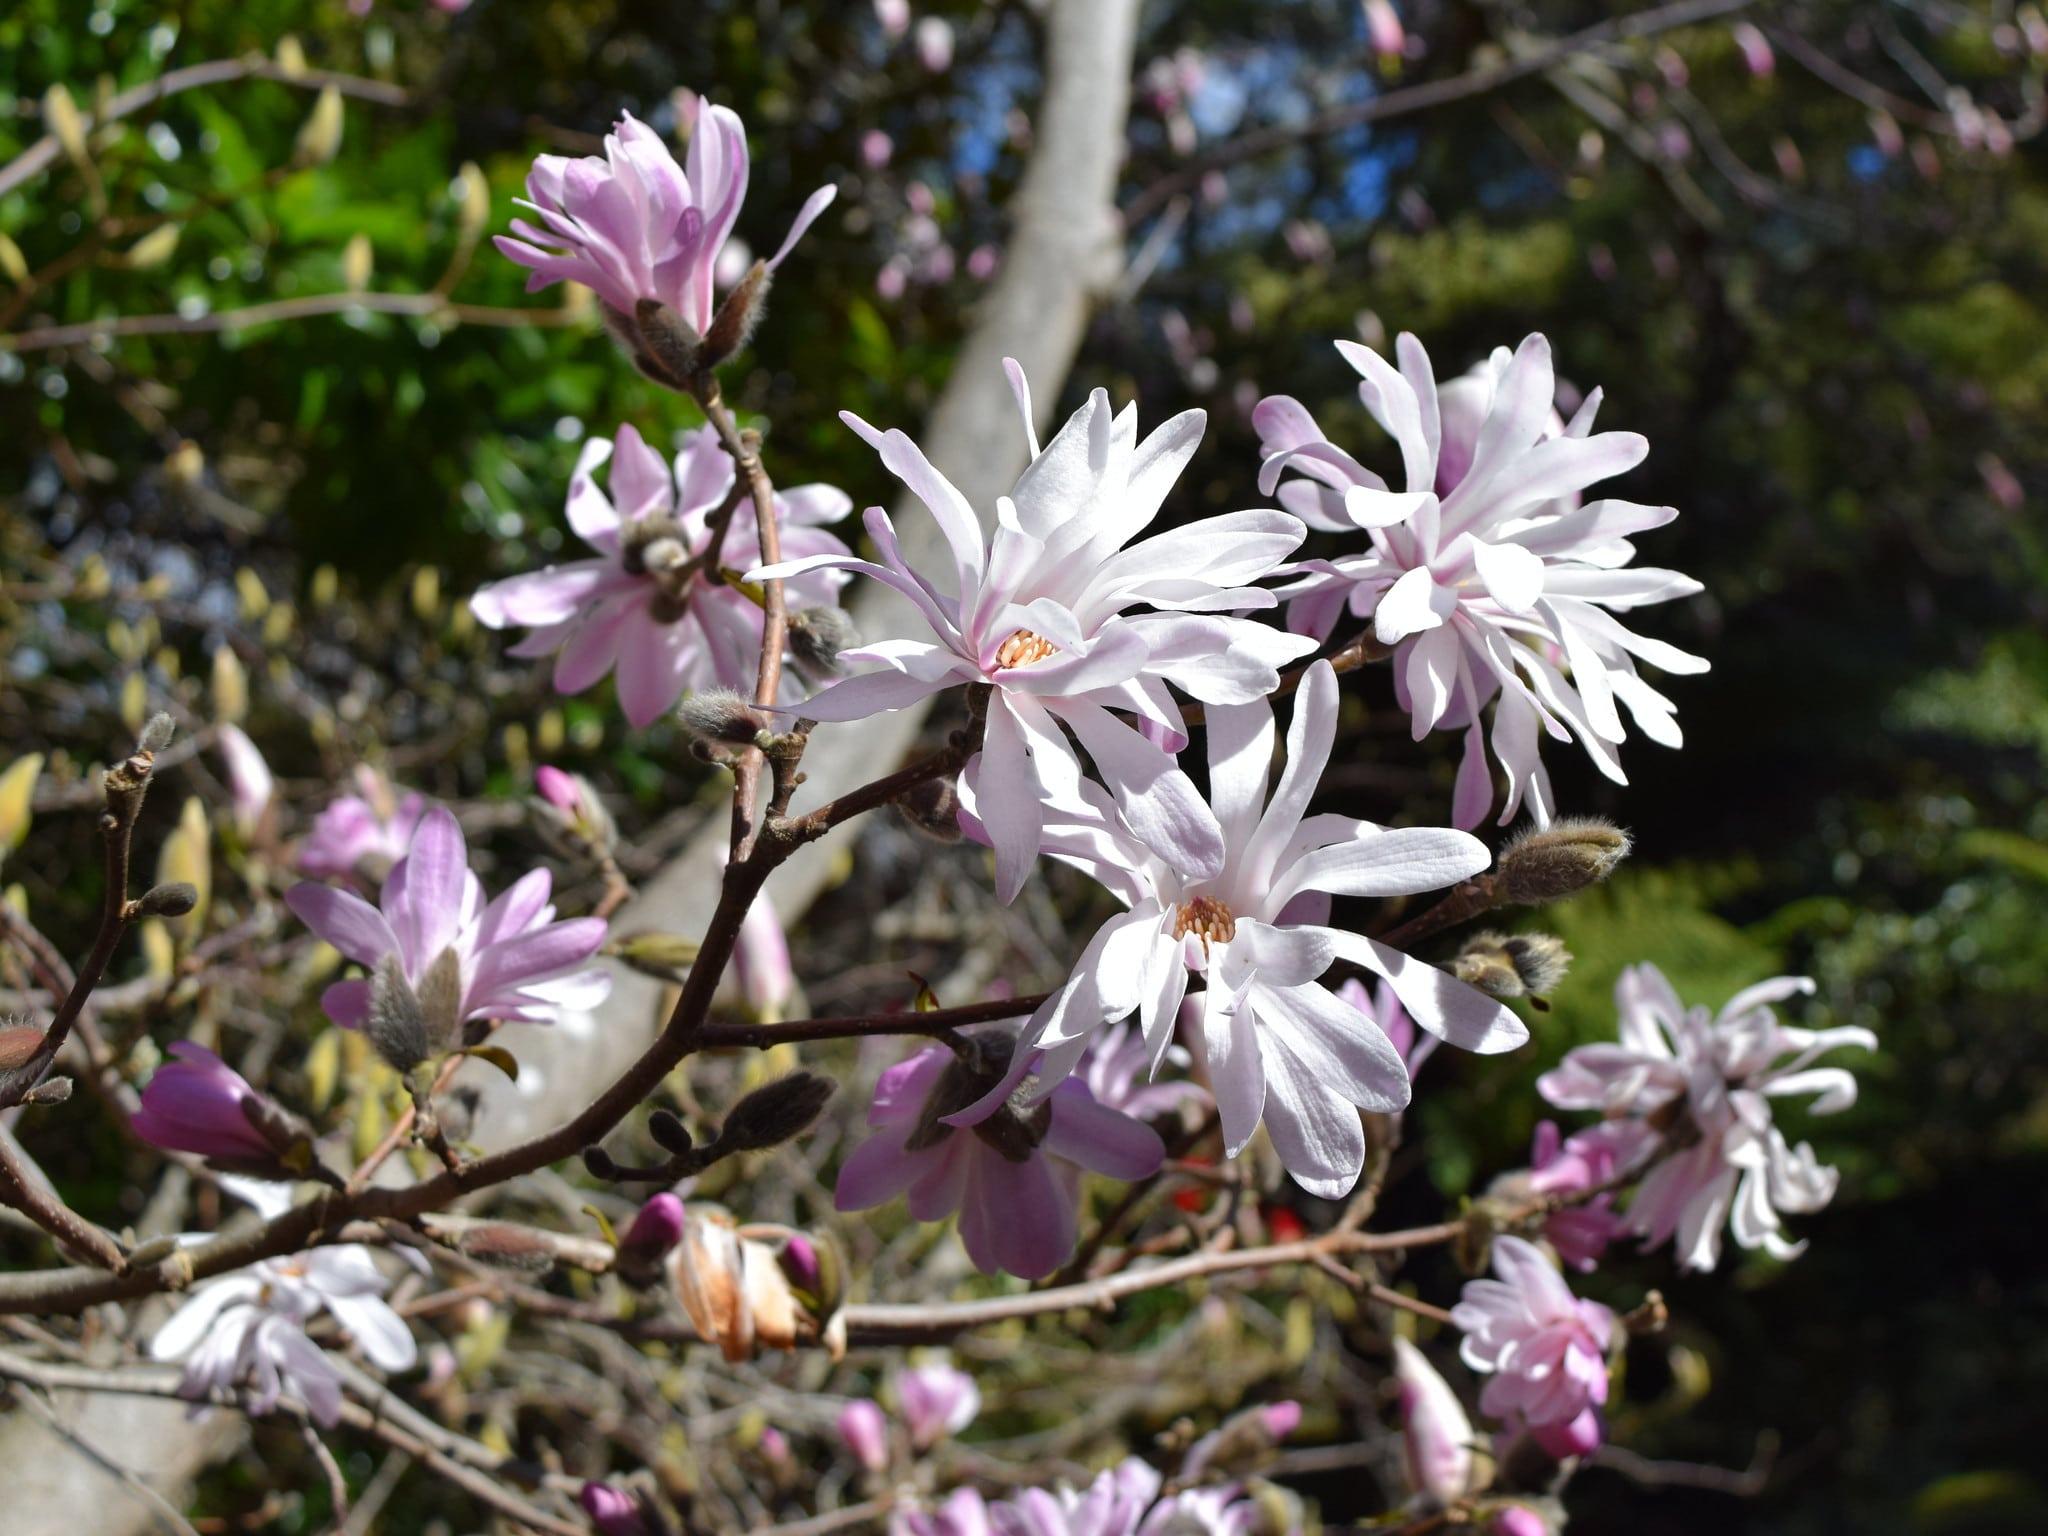 Las flores de la Magnolia stellata Rosea son rosadas